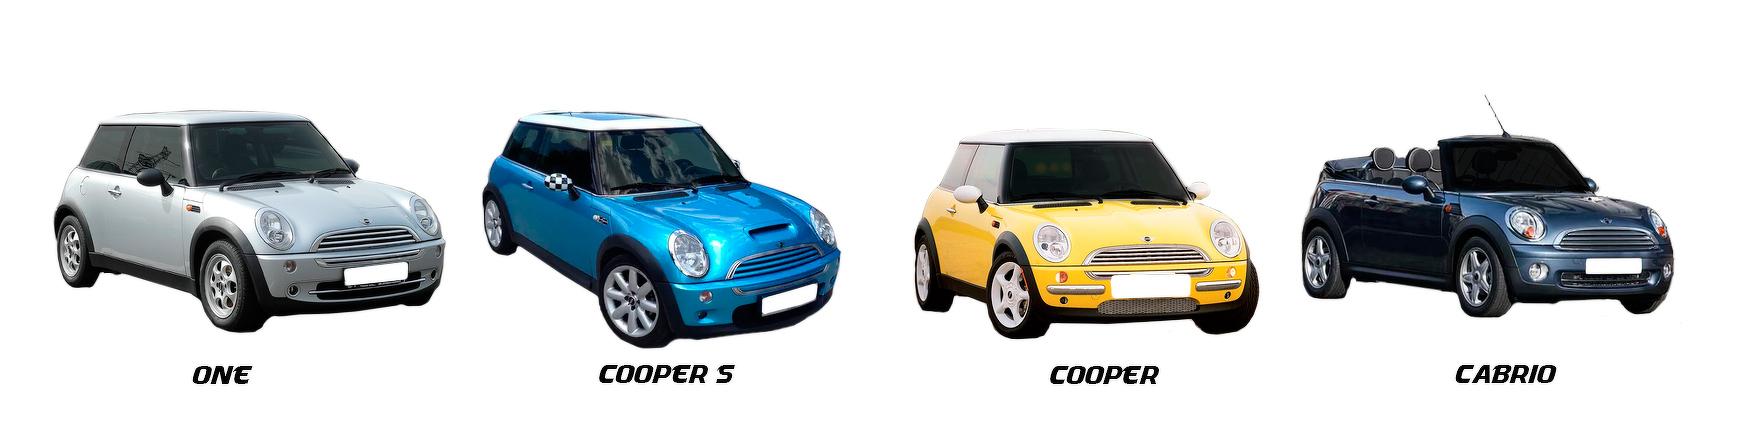 Piezas y Recambios de BMW Mini One | S | Cooper | Cabrio (R50|R52|R53) de 2001 a 2007 | Veramauto.es